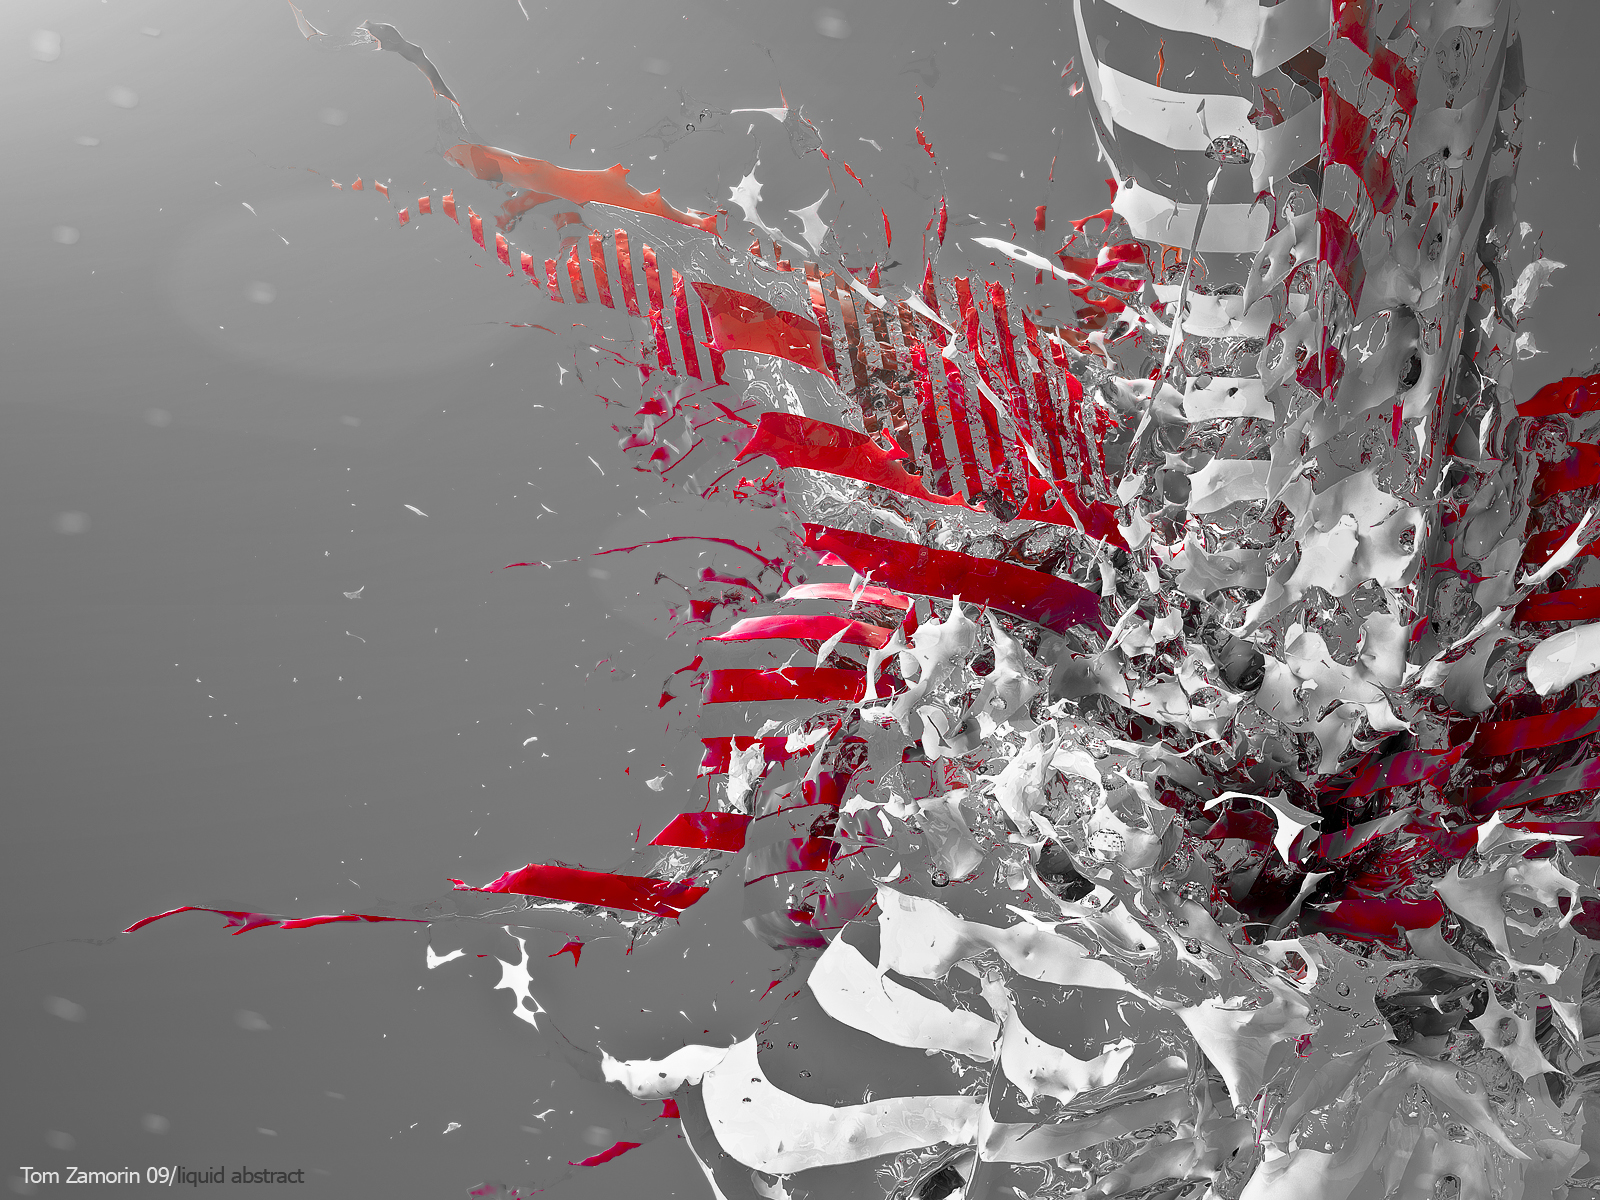 Liquid-abstract-09 Vol.2